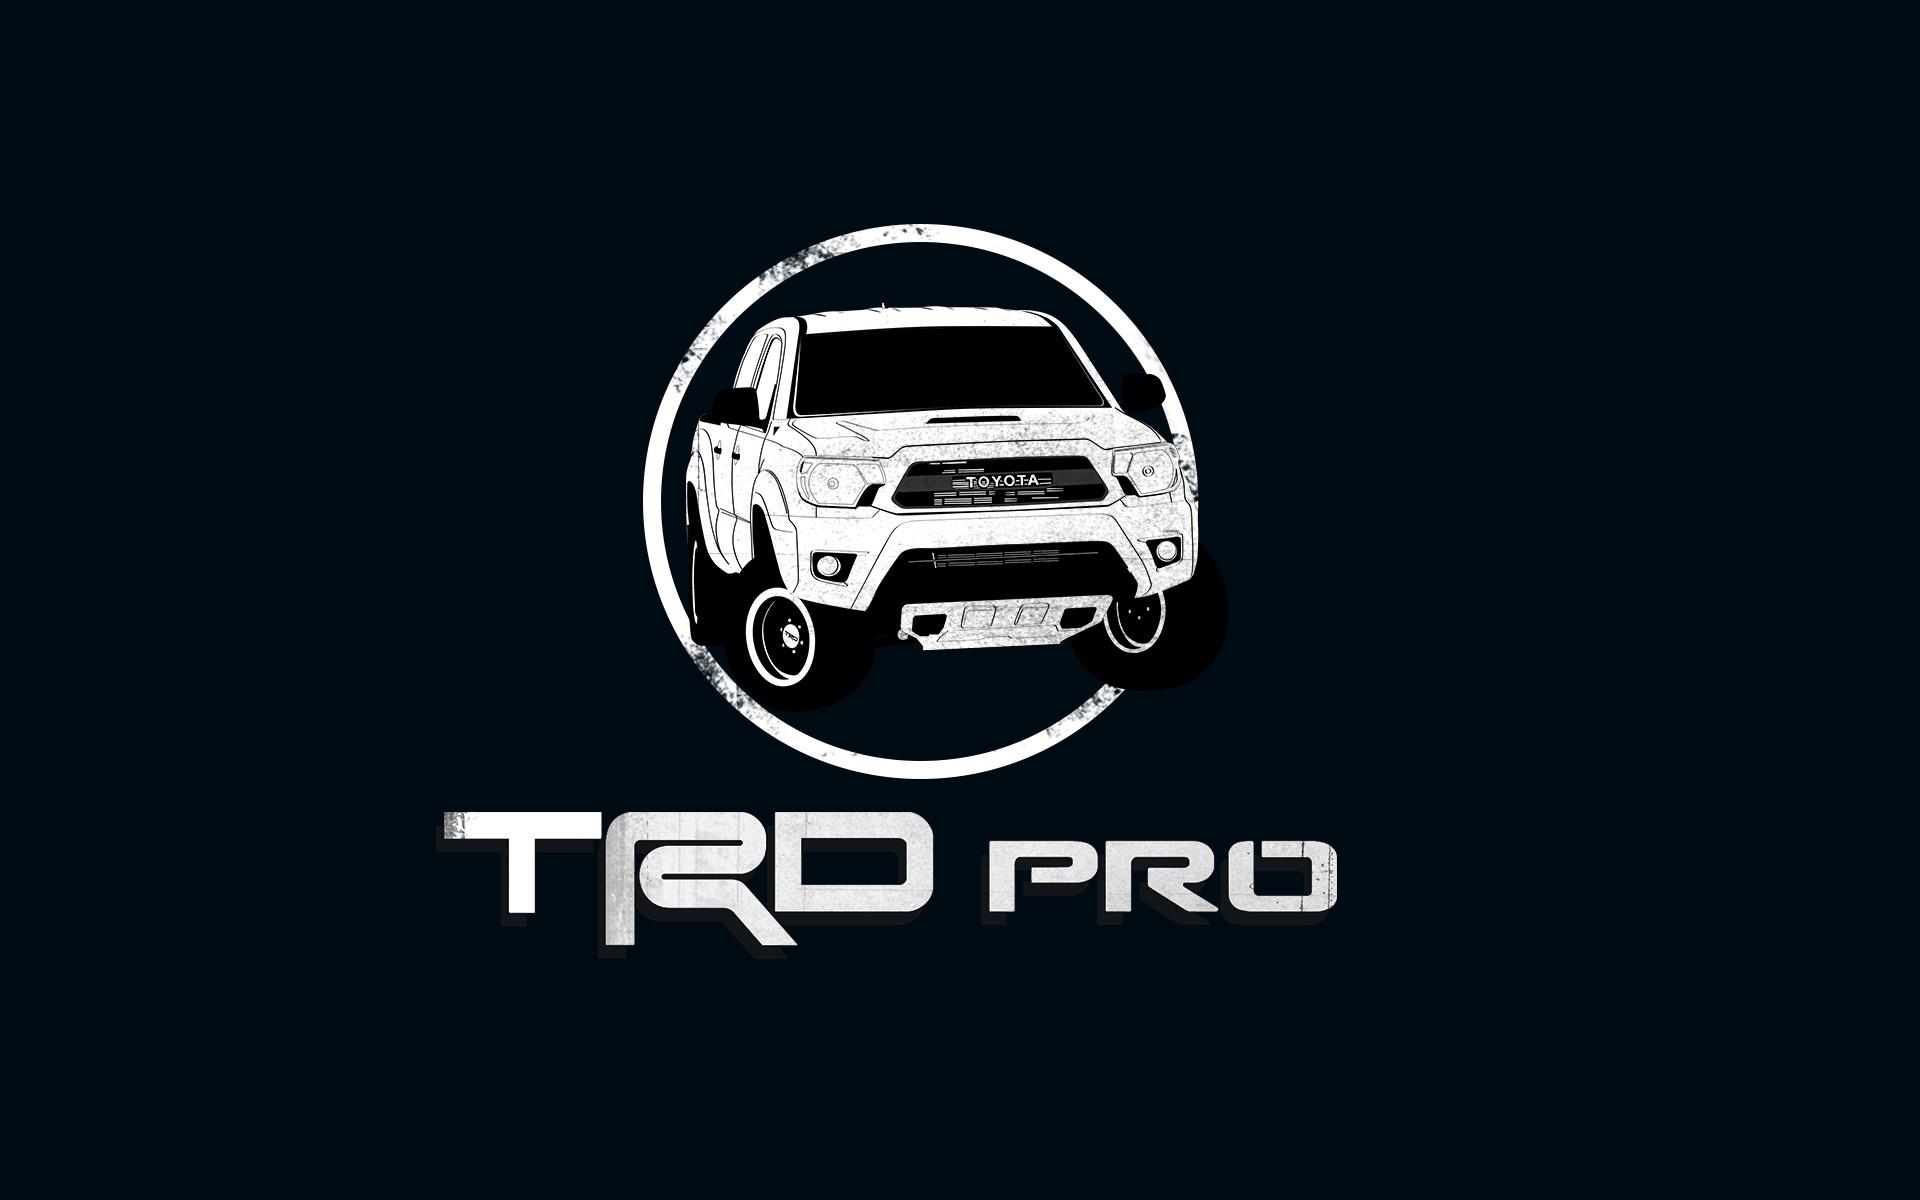 trd logo wallpaper  59 images TRD Wheels TRD Wheels